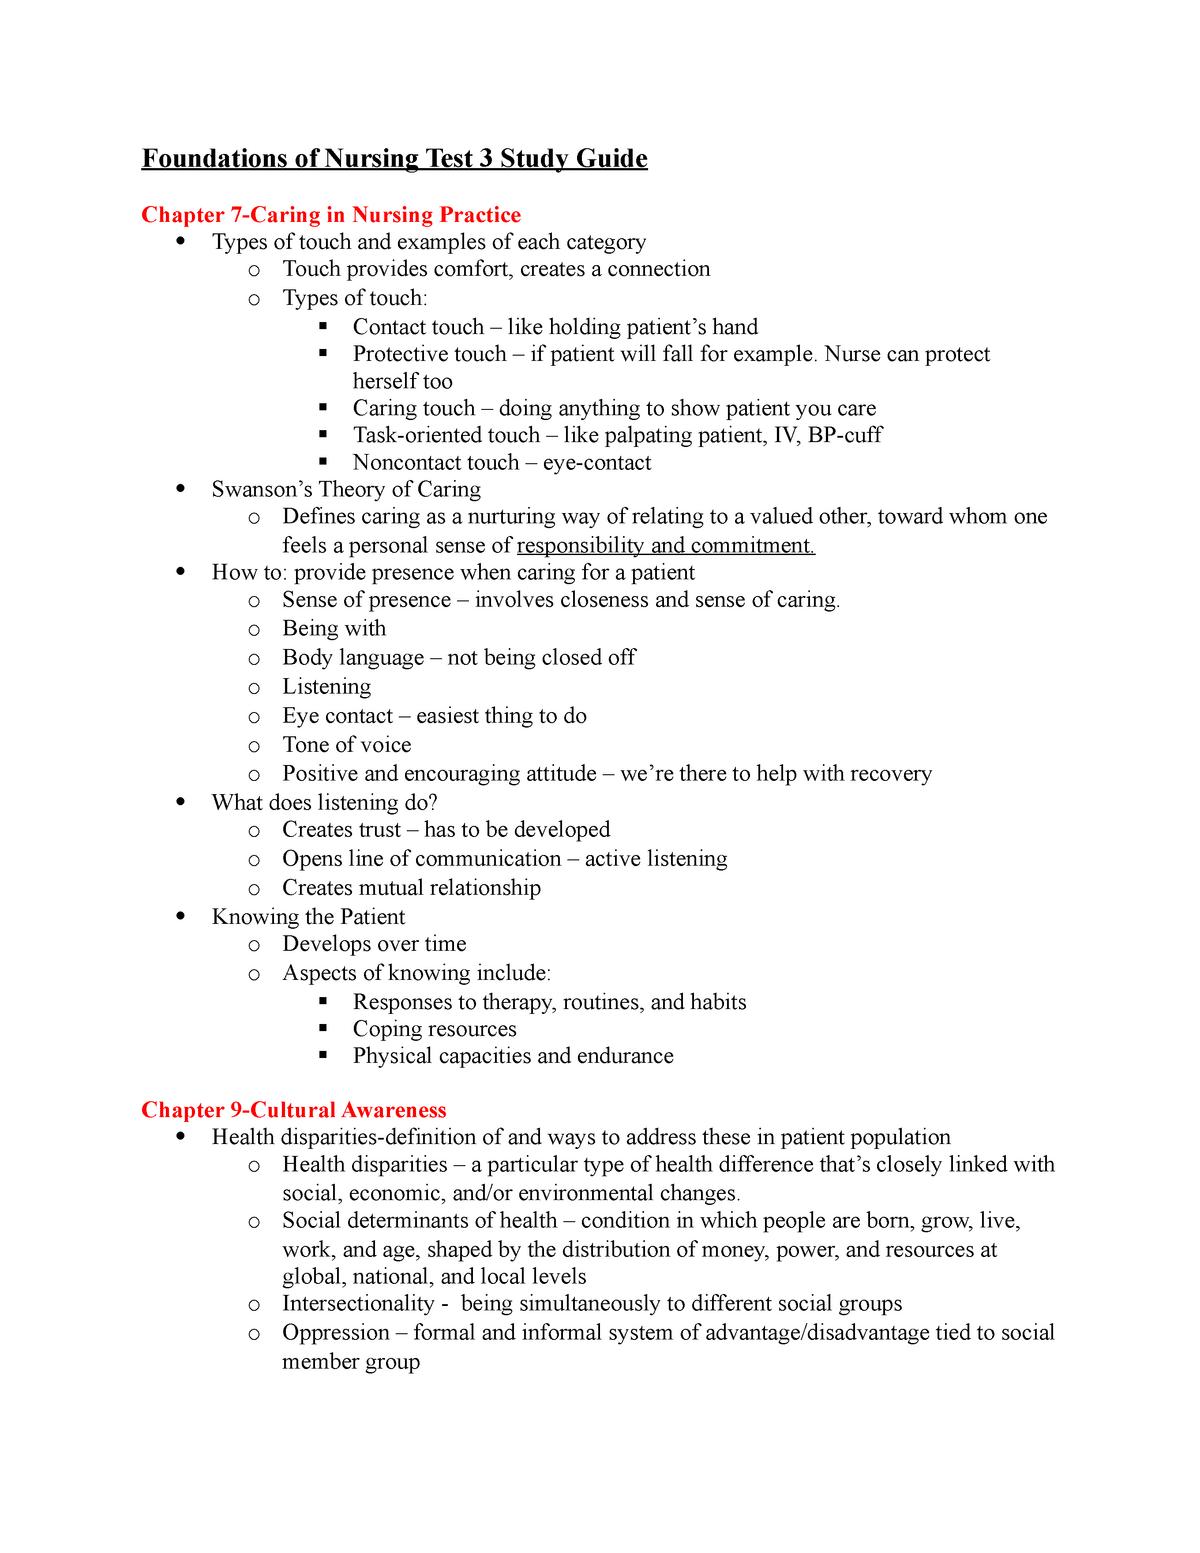 Funds Exam Study Guide - NURS 305 : Foundations of Nursing - StuDocu